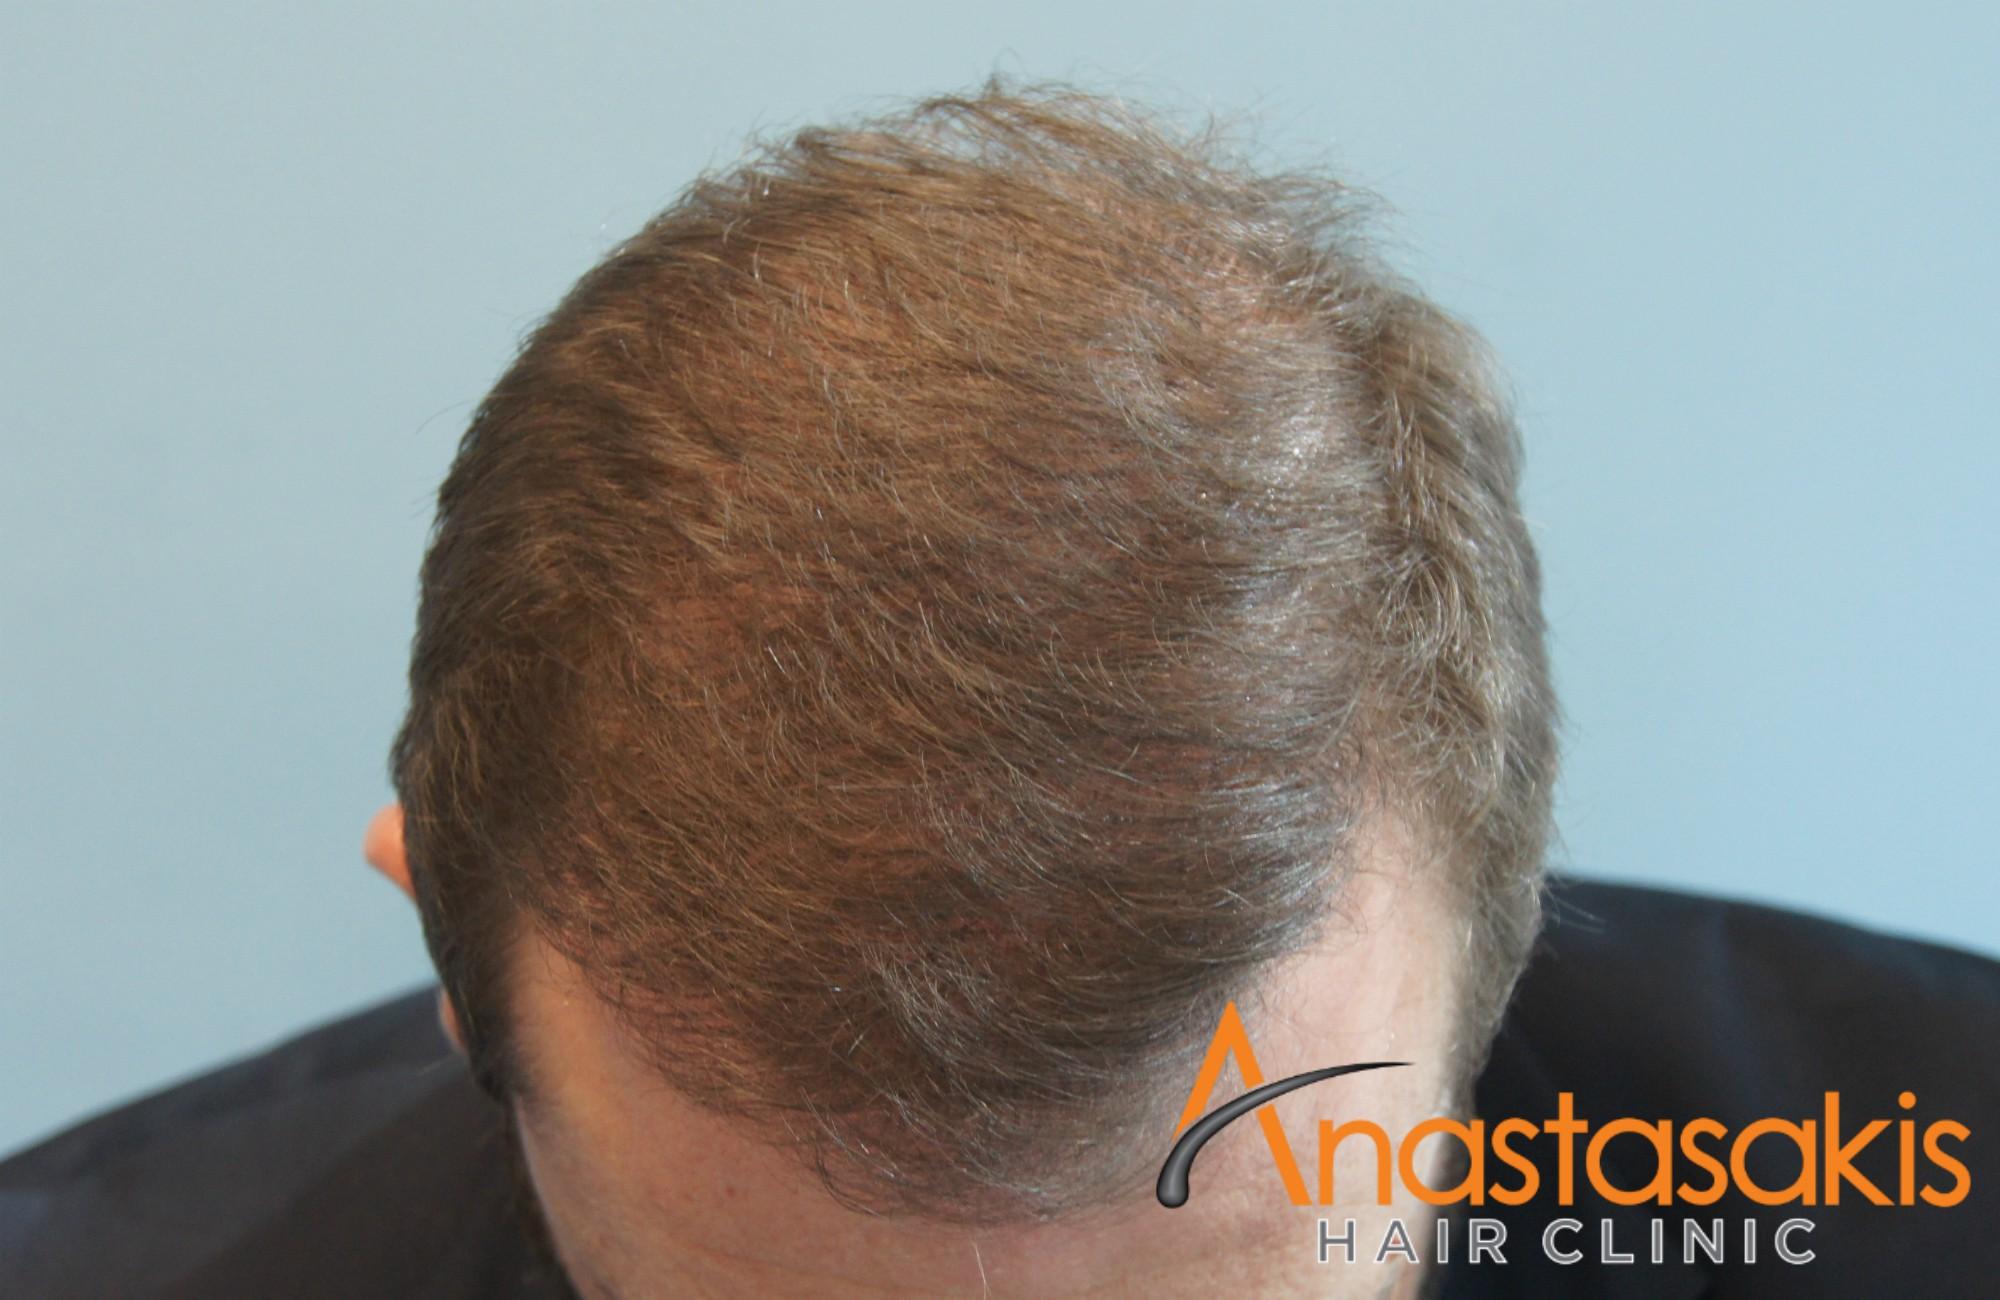 αποτέλεσμα ασθενούς στο μπροστά προφίλ μετά την επέμβαση μαλλιών fue με 3000fus